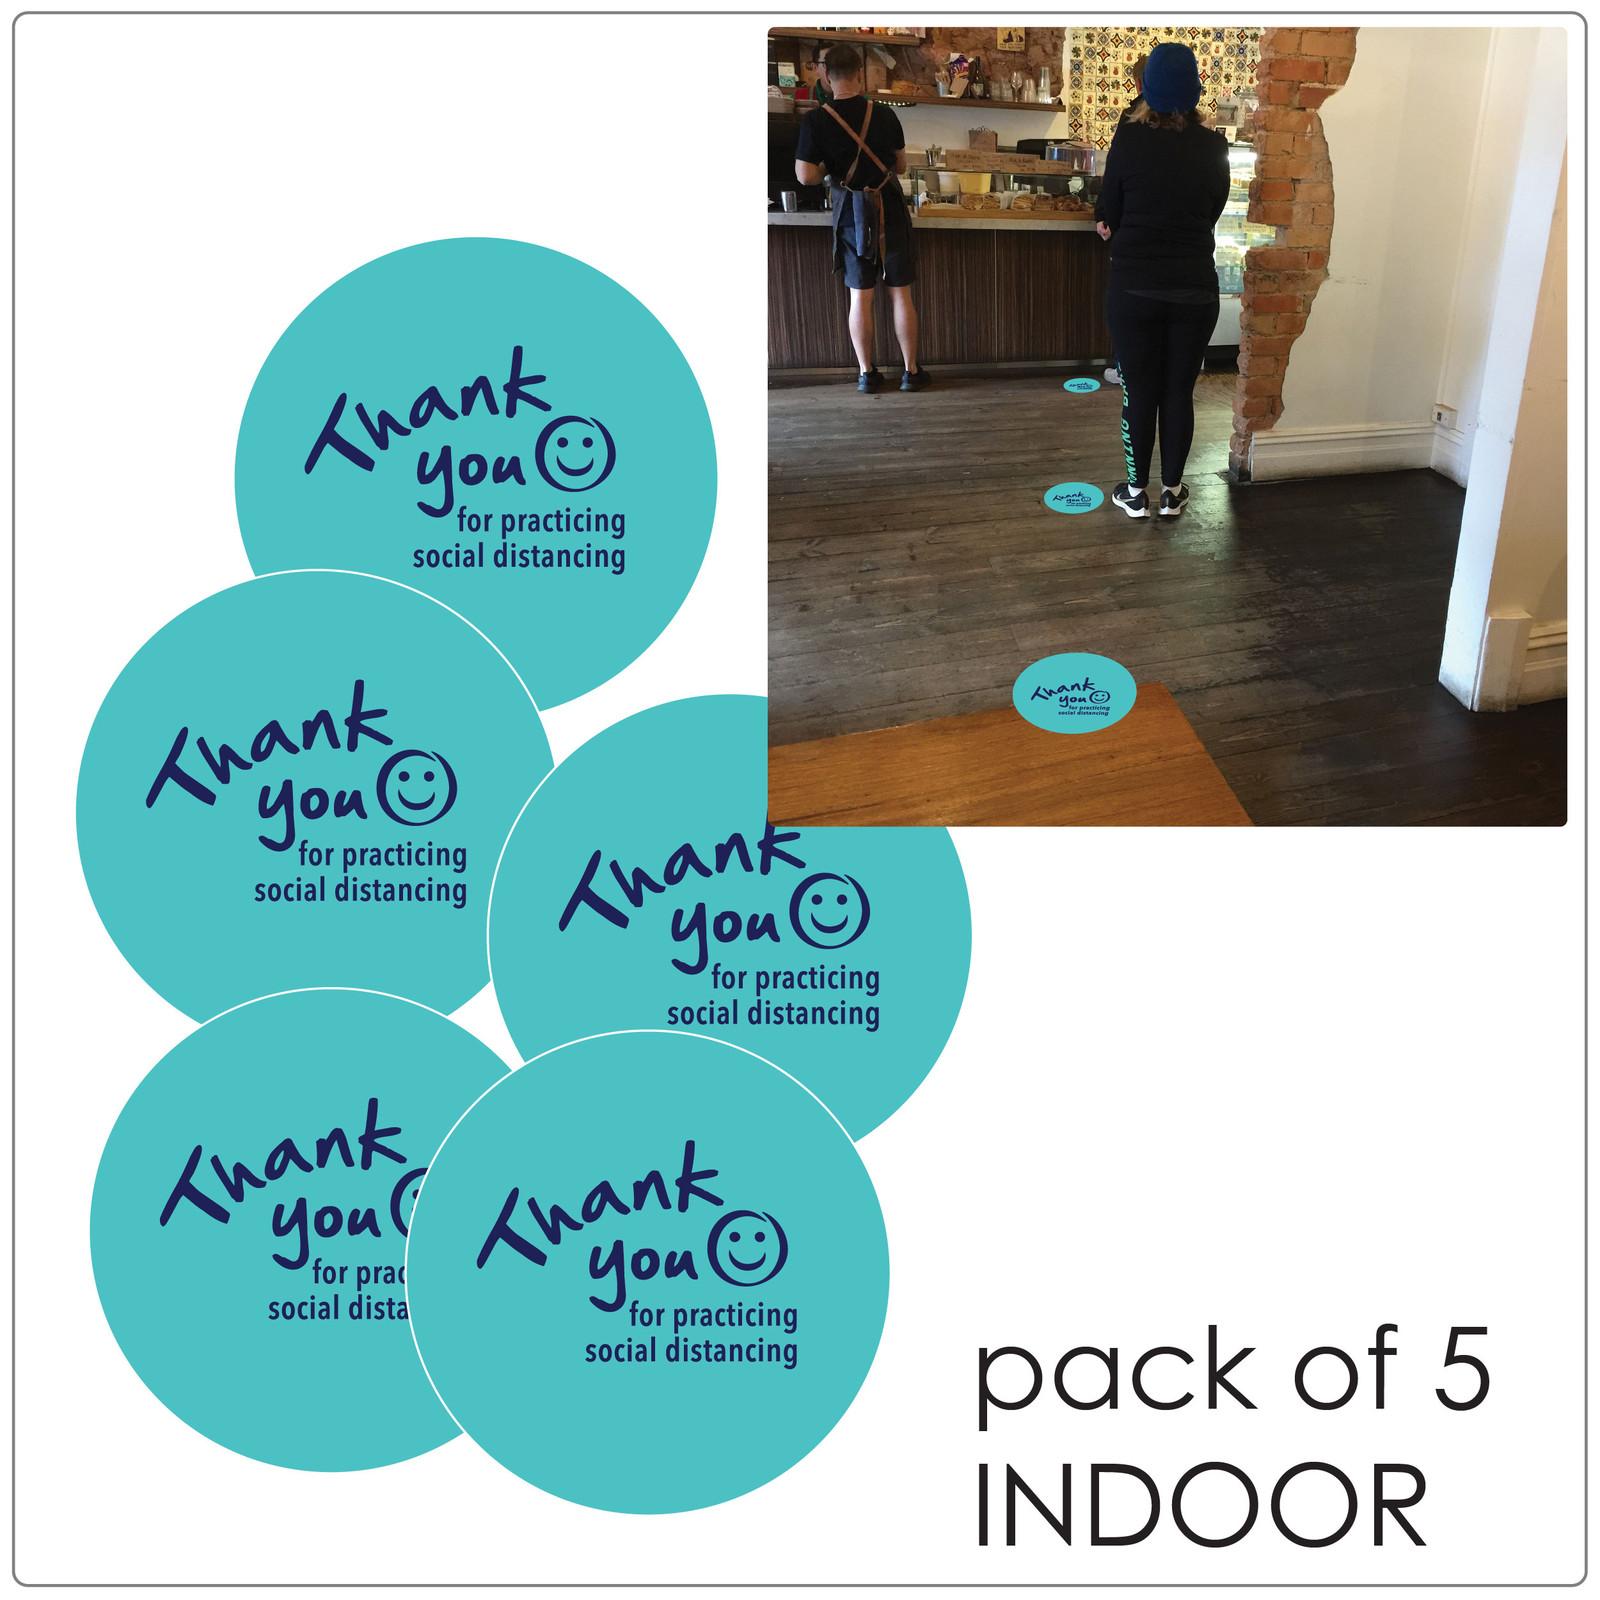 social distancing floor sticker for hard floors, pack of 5, teal Self-adhesive Corona virus floor sticker to help social distancing.